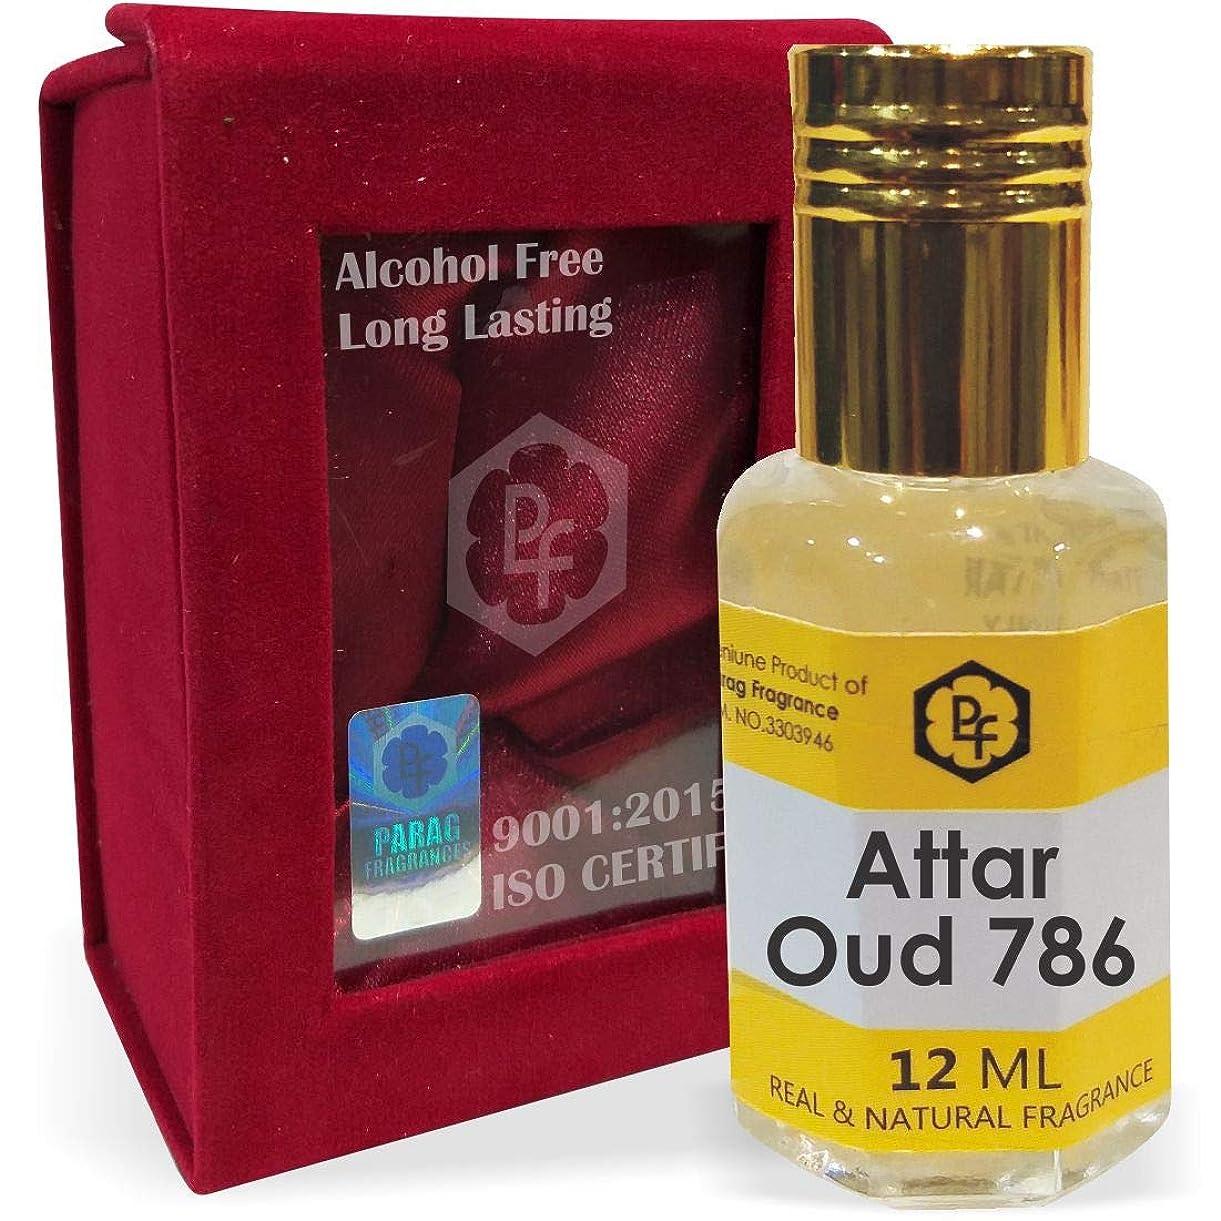 苦行不可能なによるとParagフレグランスウード786 12ミリリットルアター/手作りベルベットボックス香油/(インドの伝統的なBhapka処理方法により、インド製)フレグランスオイル|アターITRA最高の品質長持ち